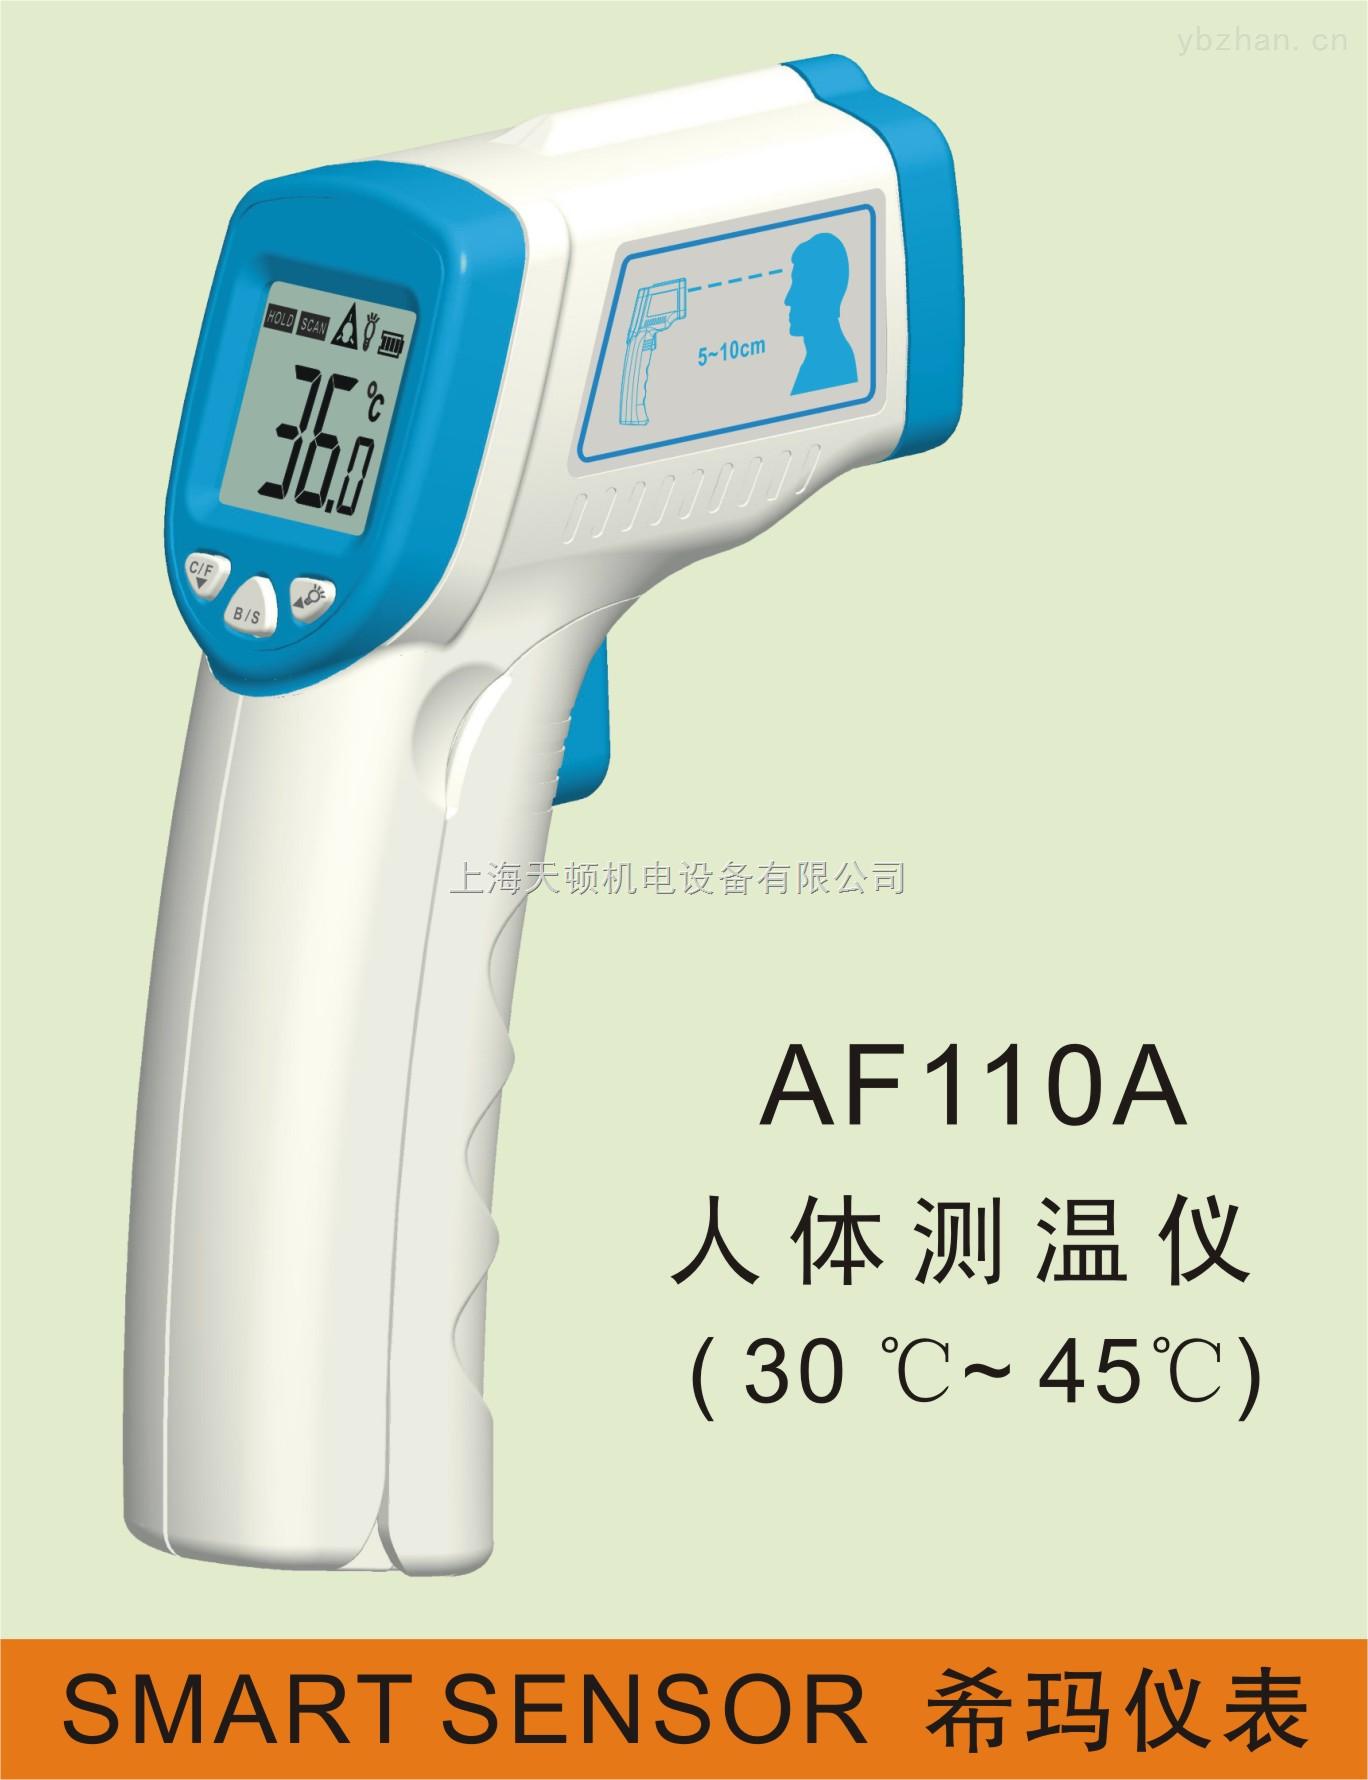 AF110A-原装进口AF110A(30℃~45℃)人体测温仪